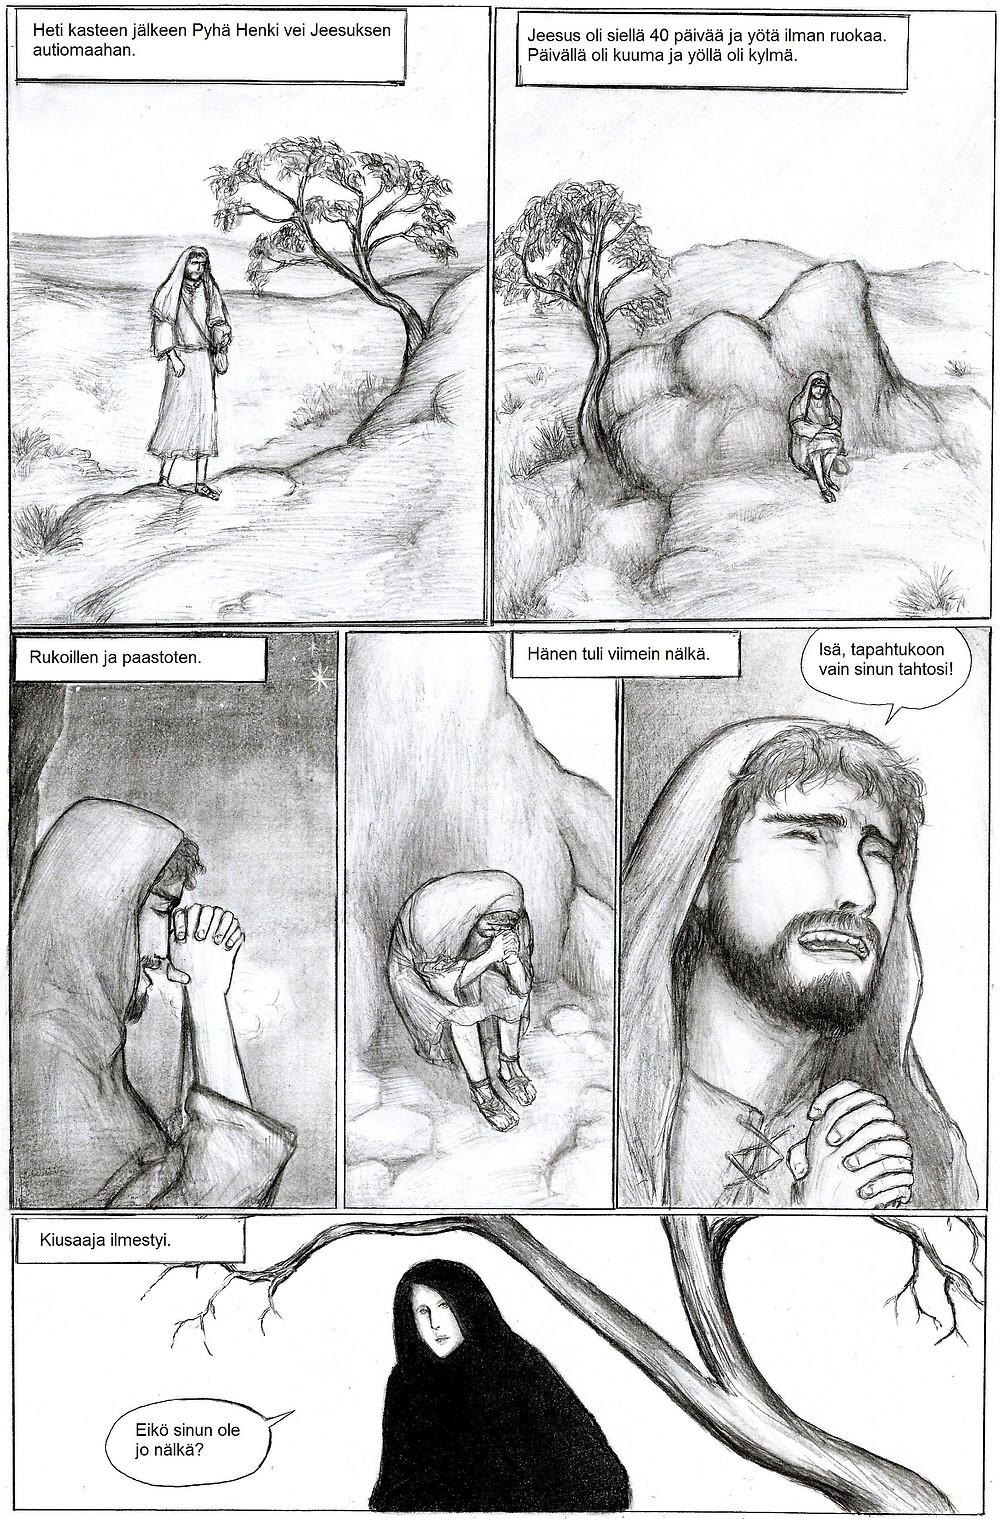 Kasteen jälkeen Jeesus päätyi autiomaahan 40 päiväksi.